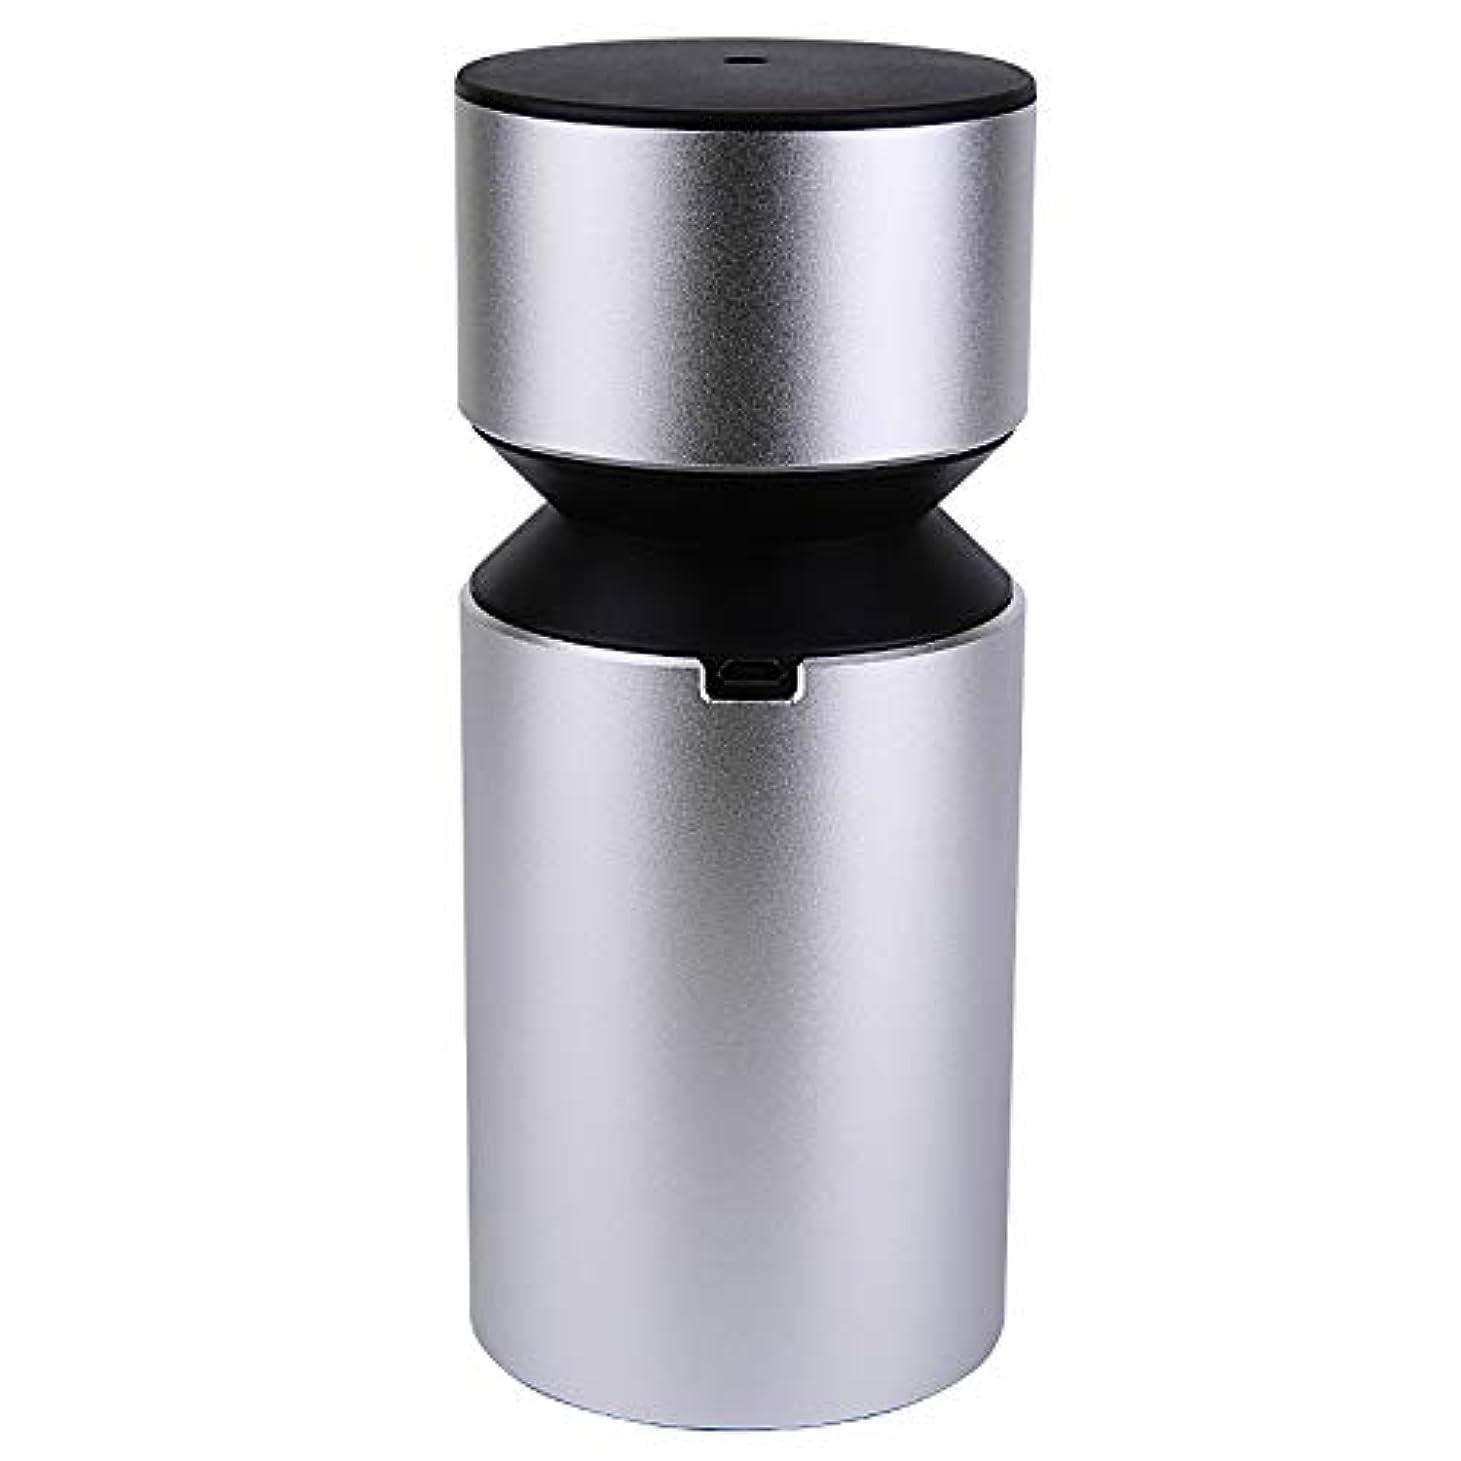 補助金分割ラウンジアロマディフューザー 車載用 ネブライザー式 充電式 静音 精油瓶1個スポイト付きT11-ENS068N (シルバー)